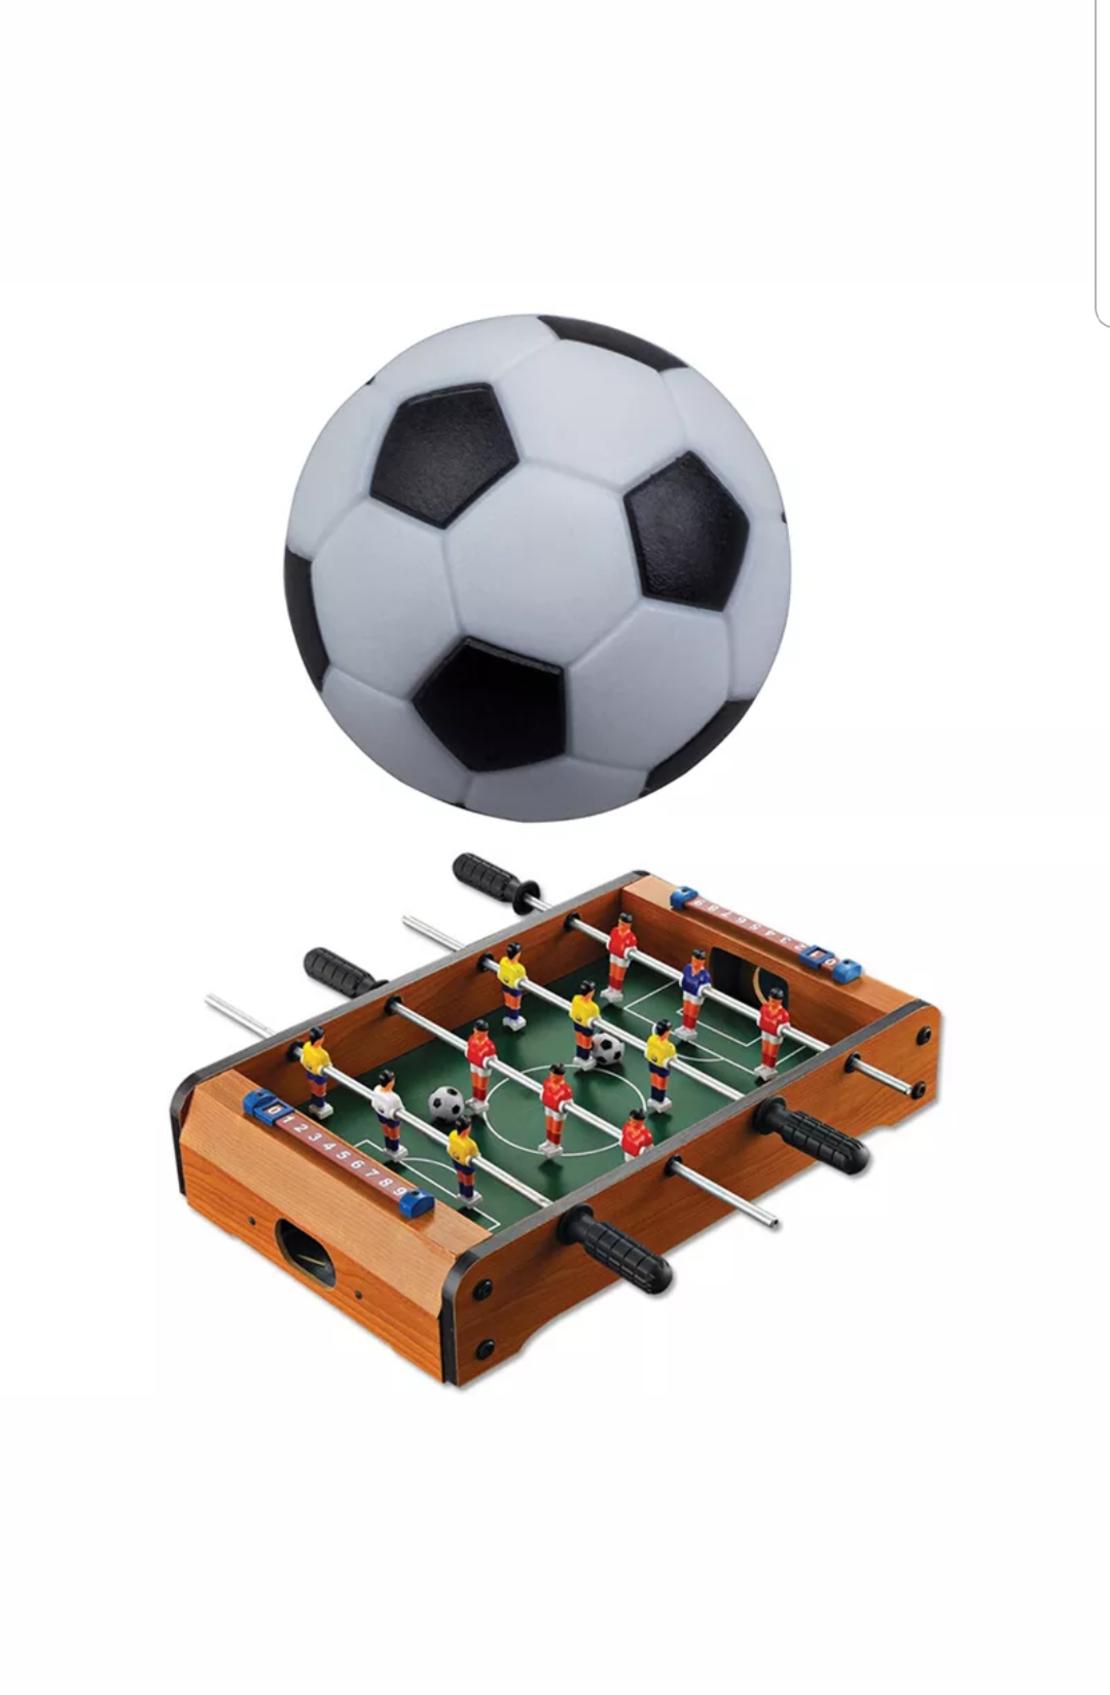 כדור לשולחן כדורגל גדול 32 ממ